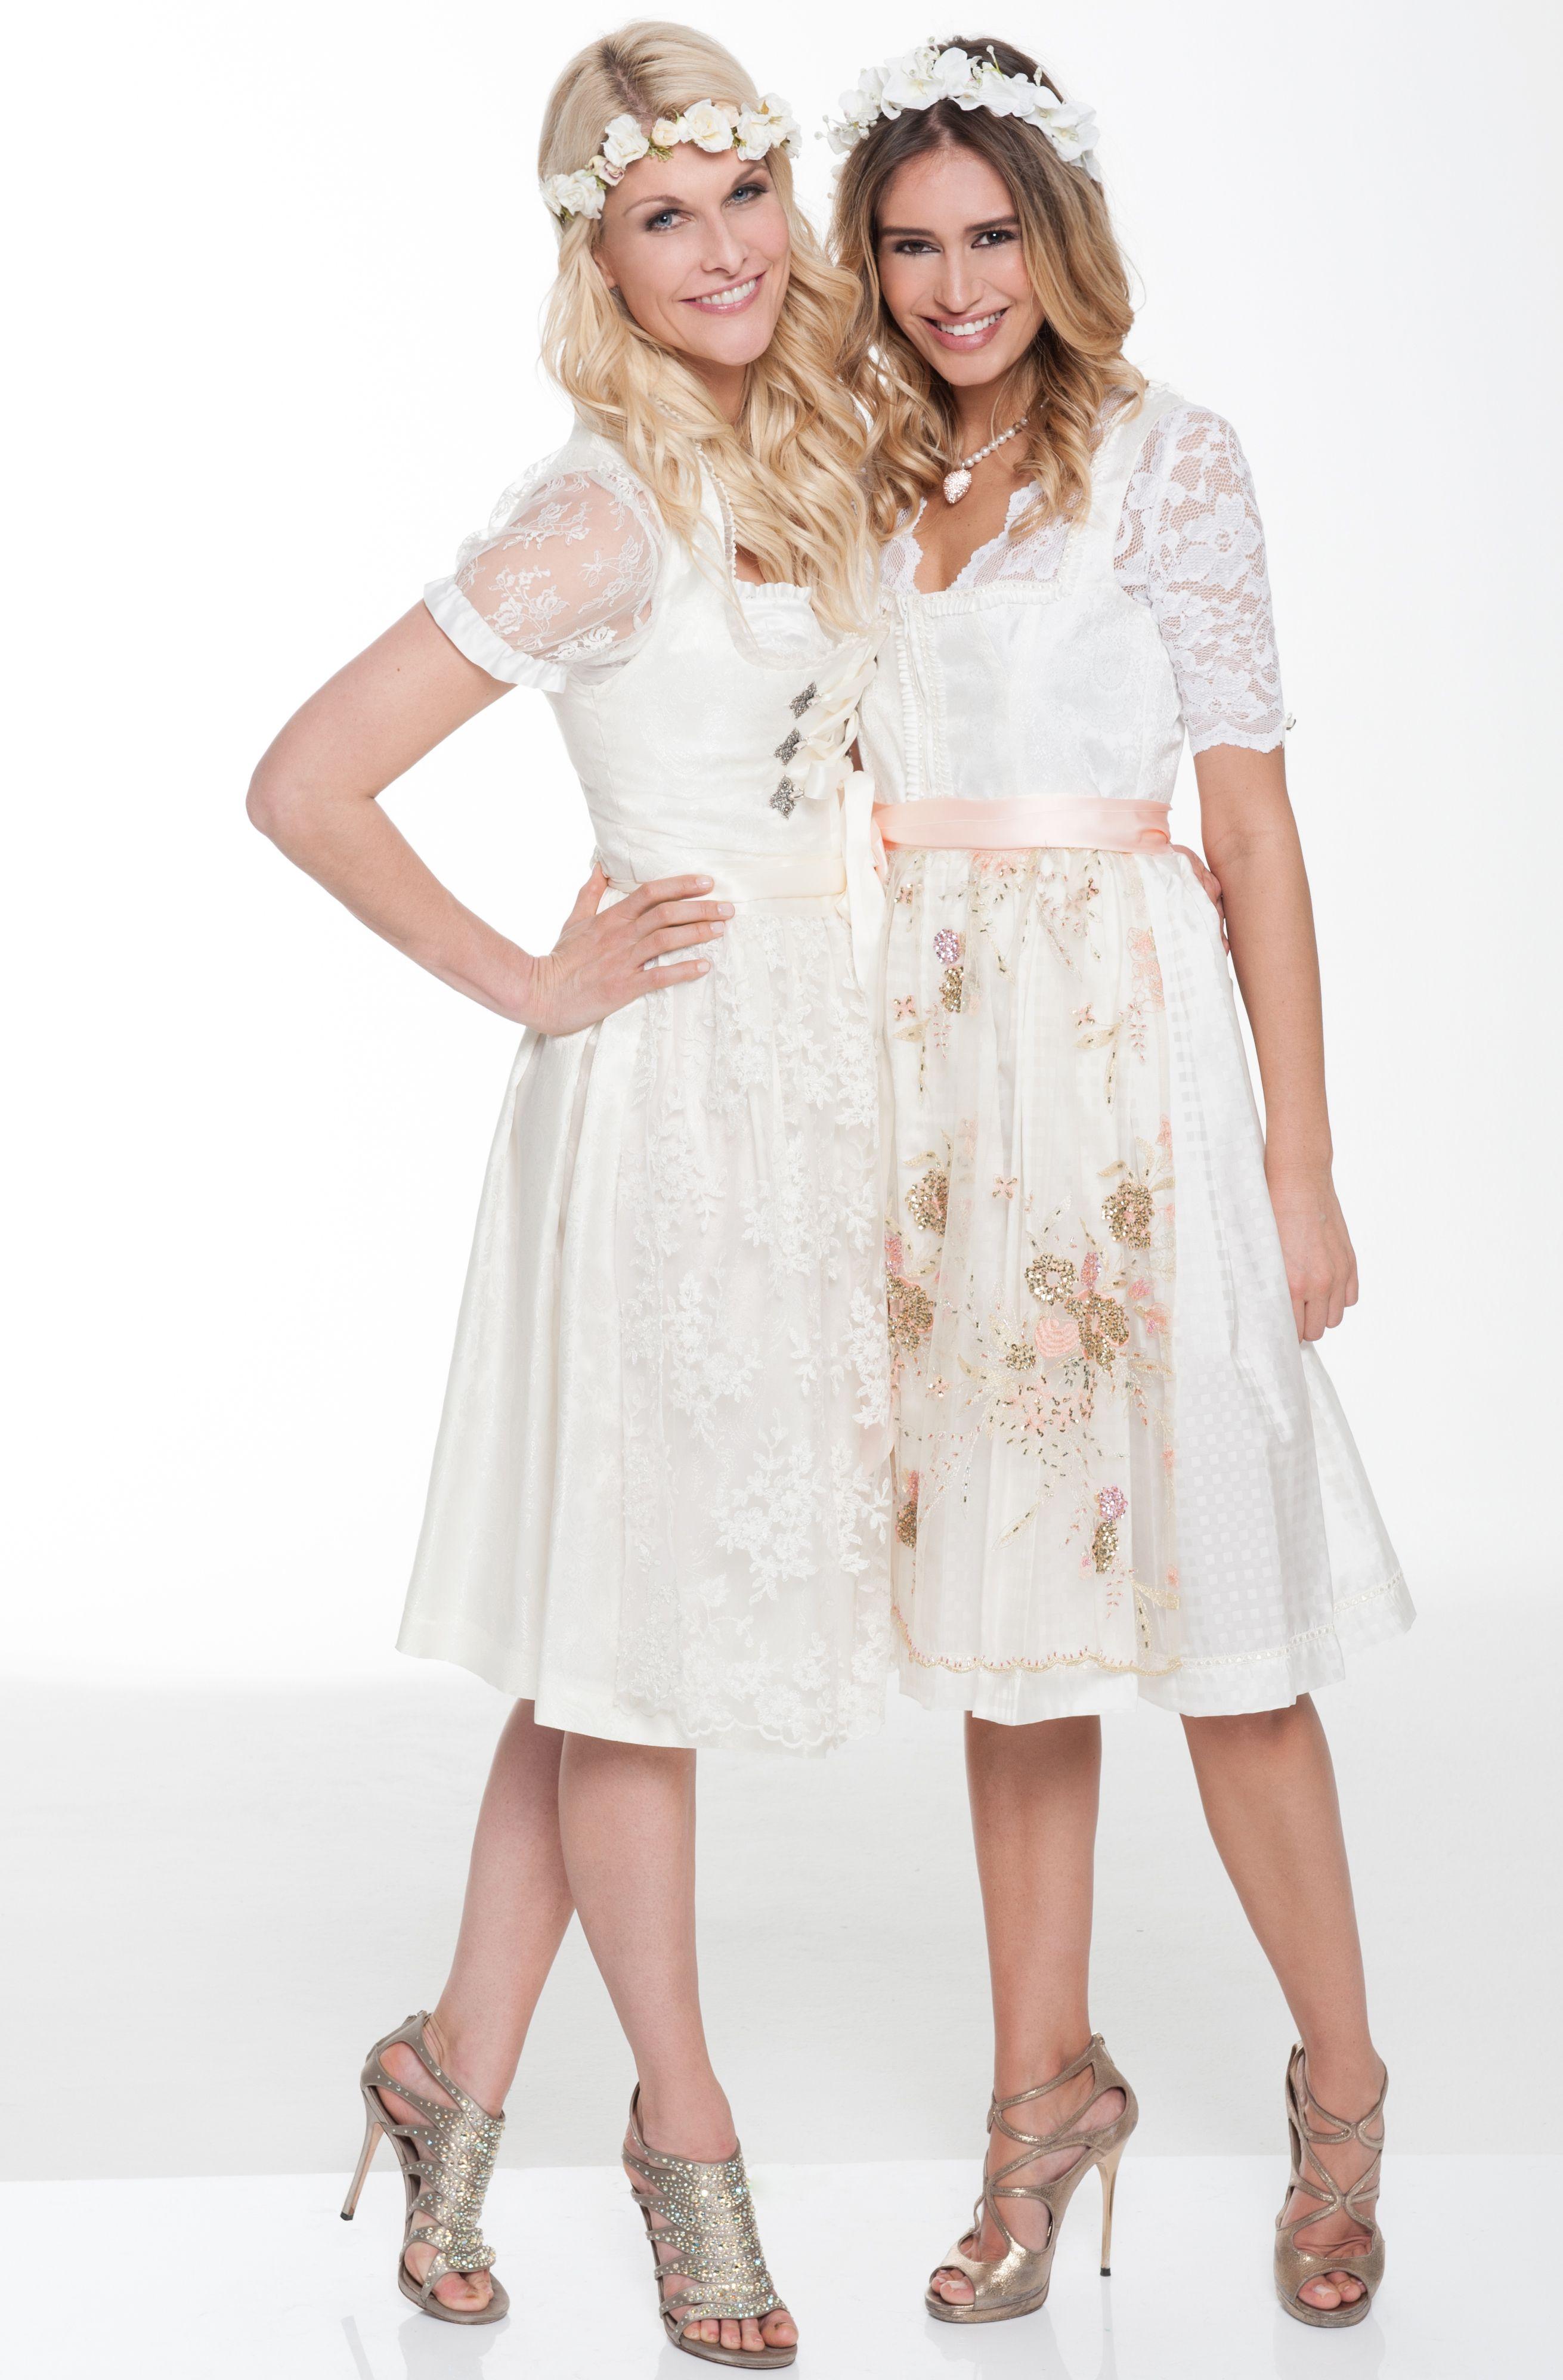 Tolle Hochzeitsdirndl zu mieten bei dresscoded.com. #dresscoded ...